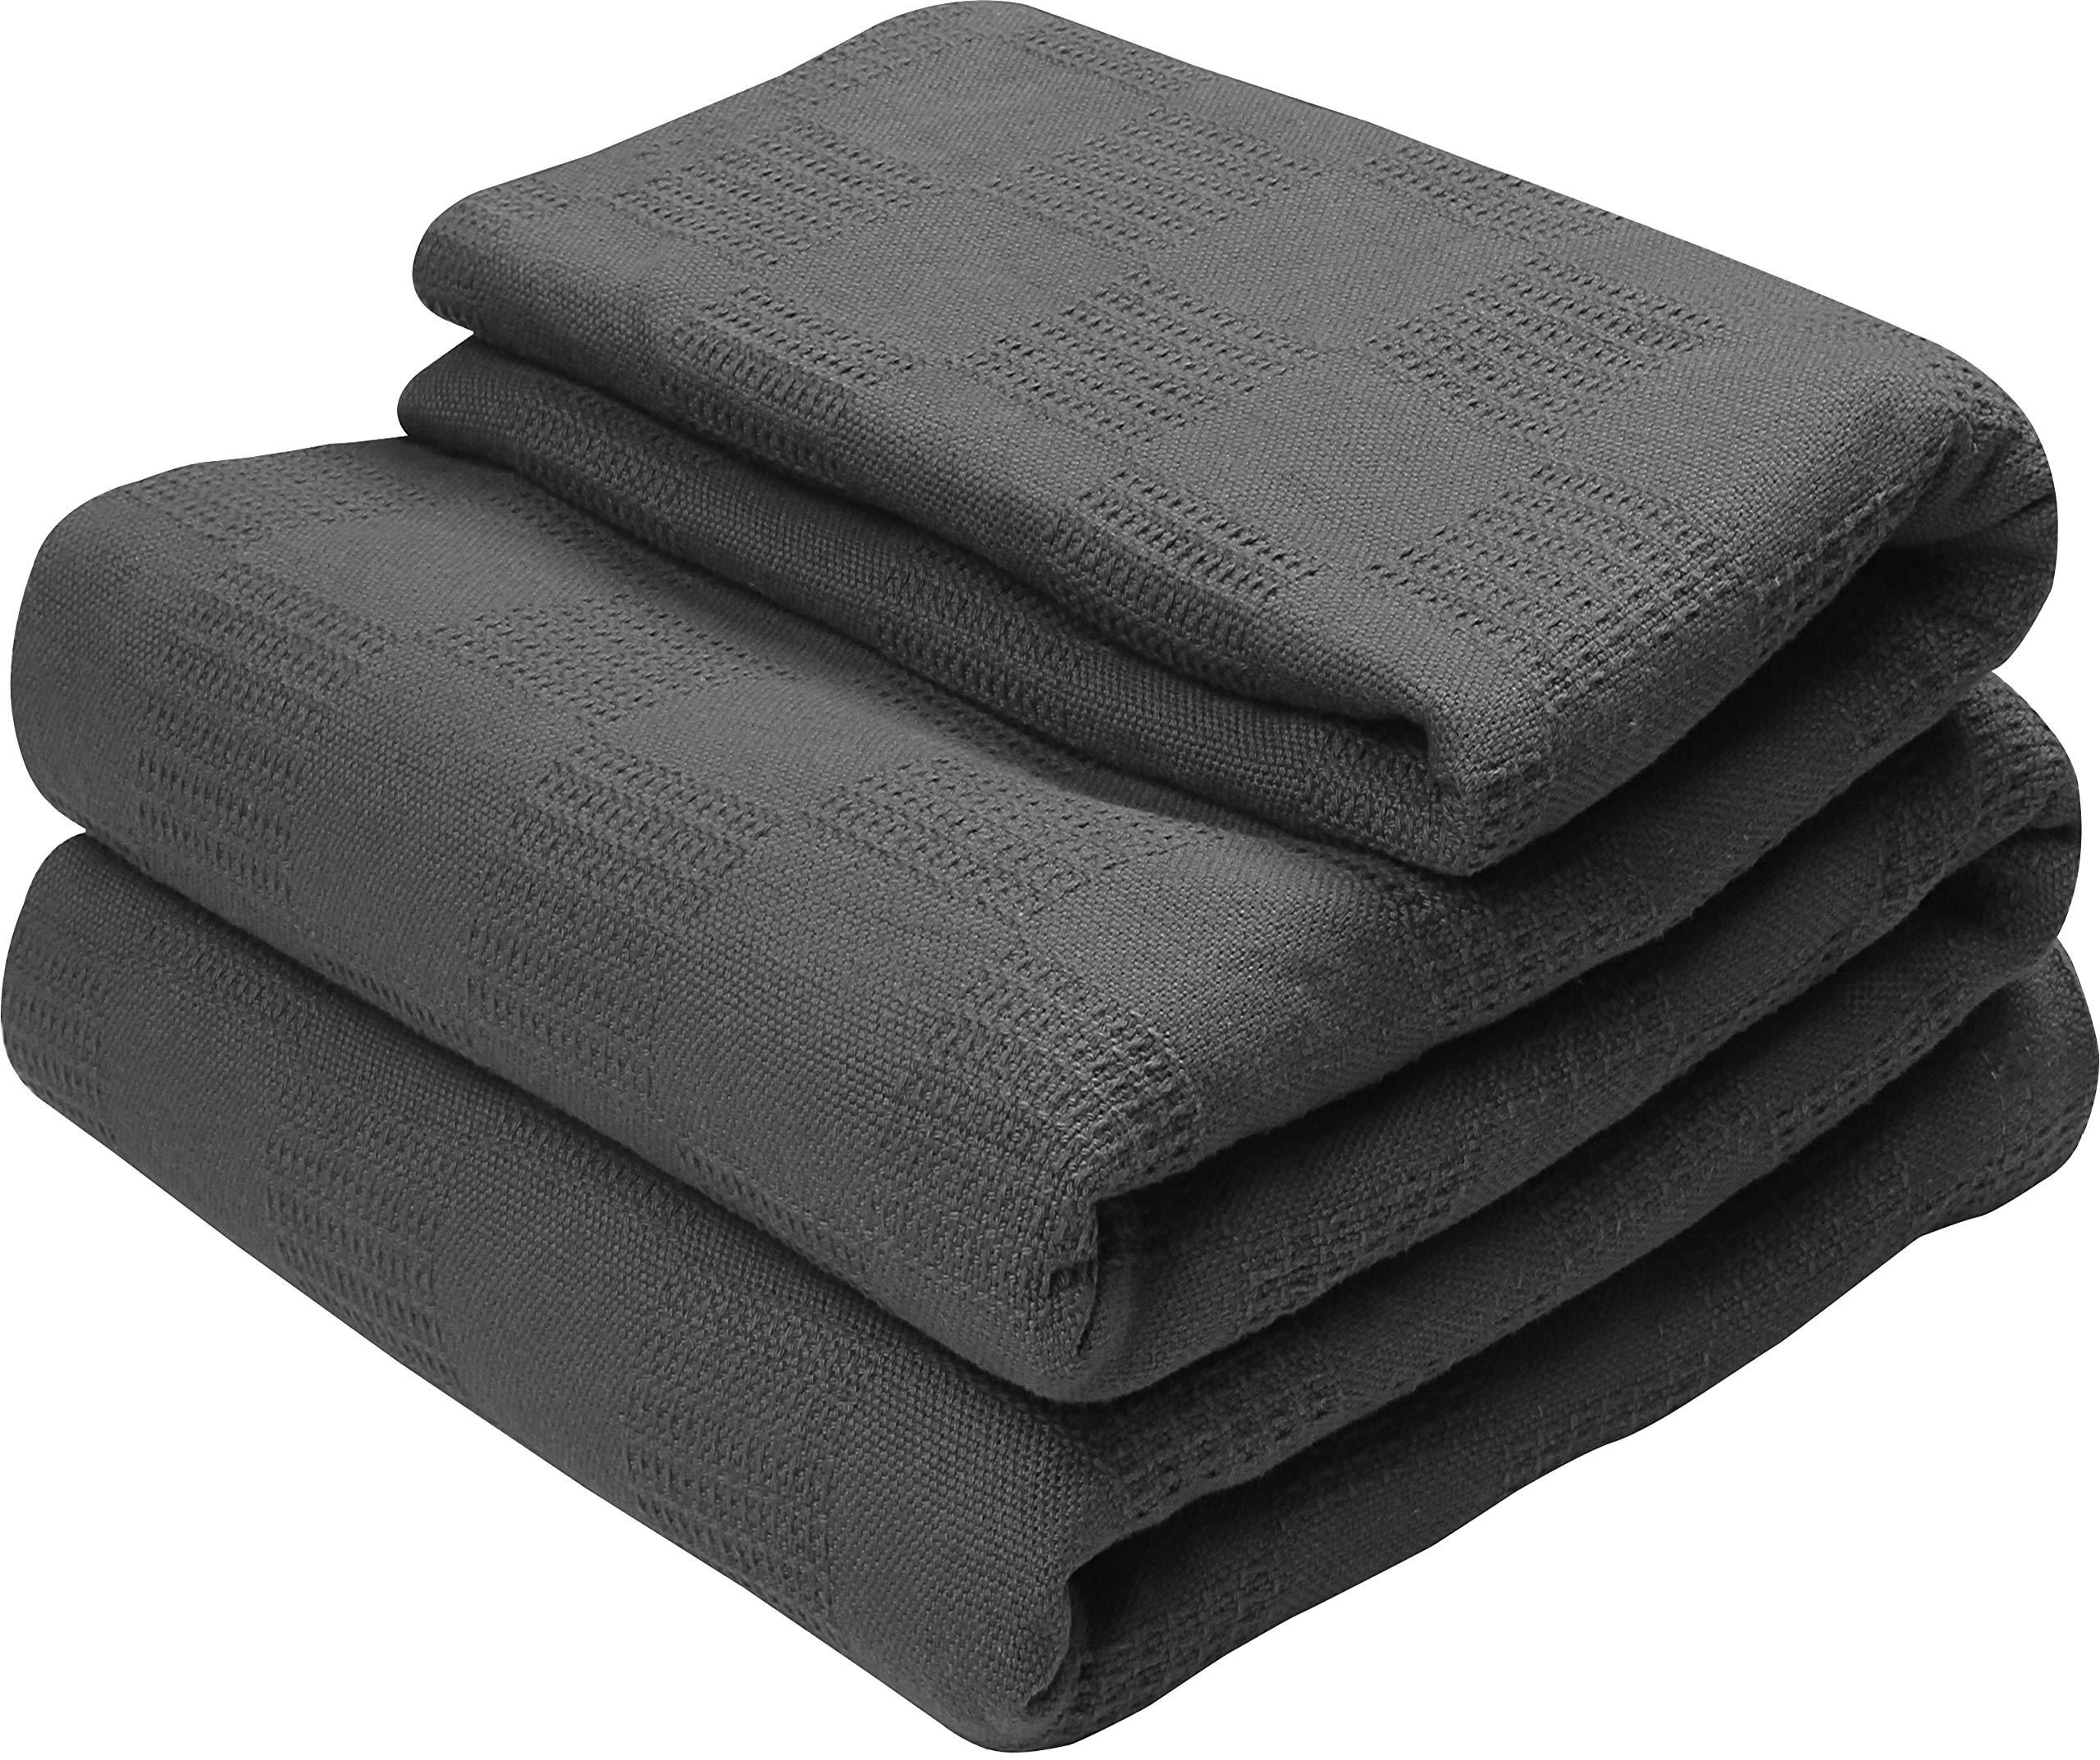 Utopia Bedding Blanket Breathable Premium